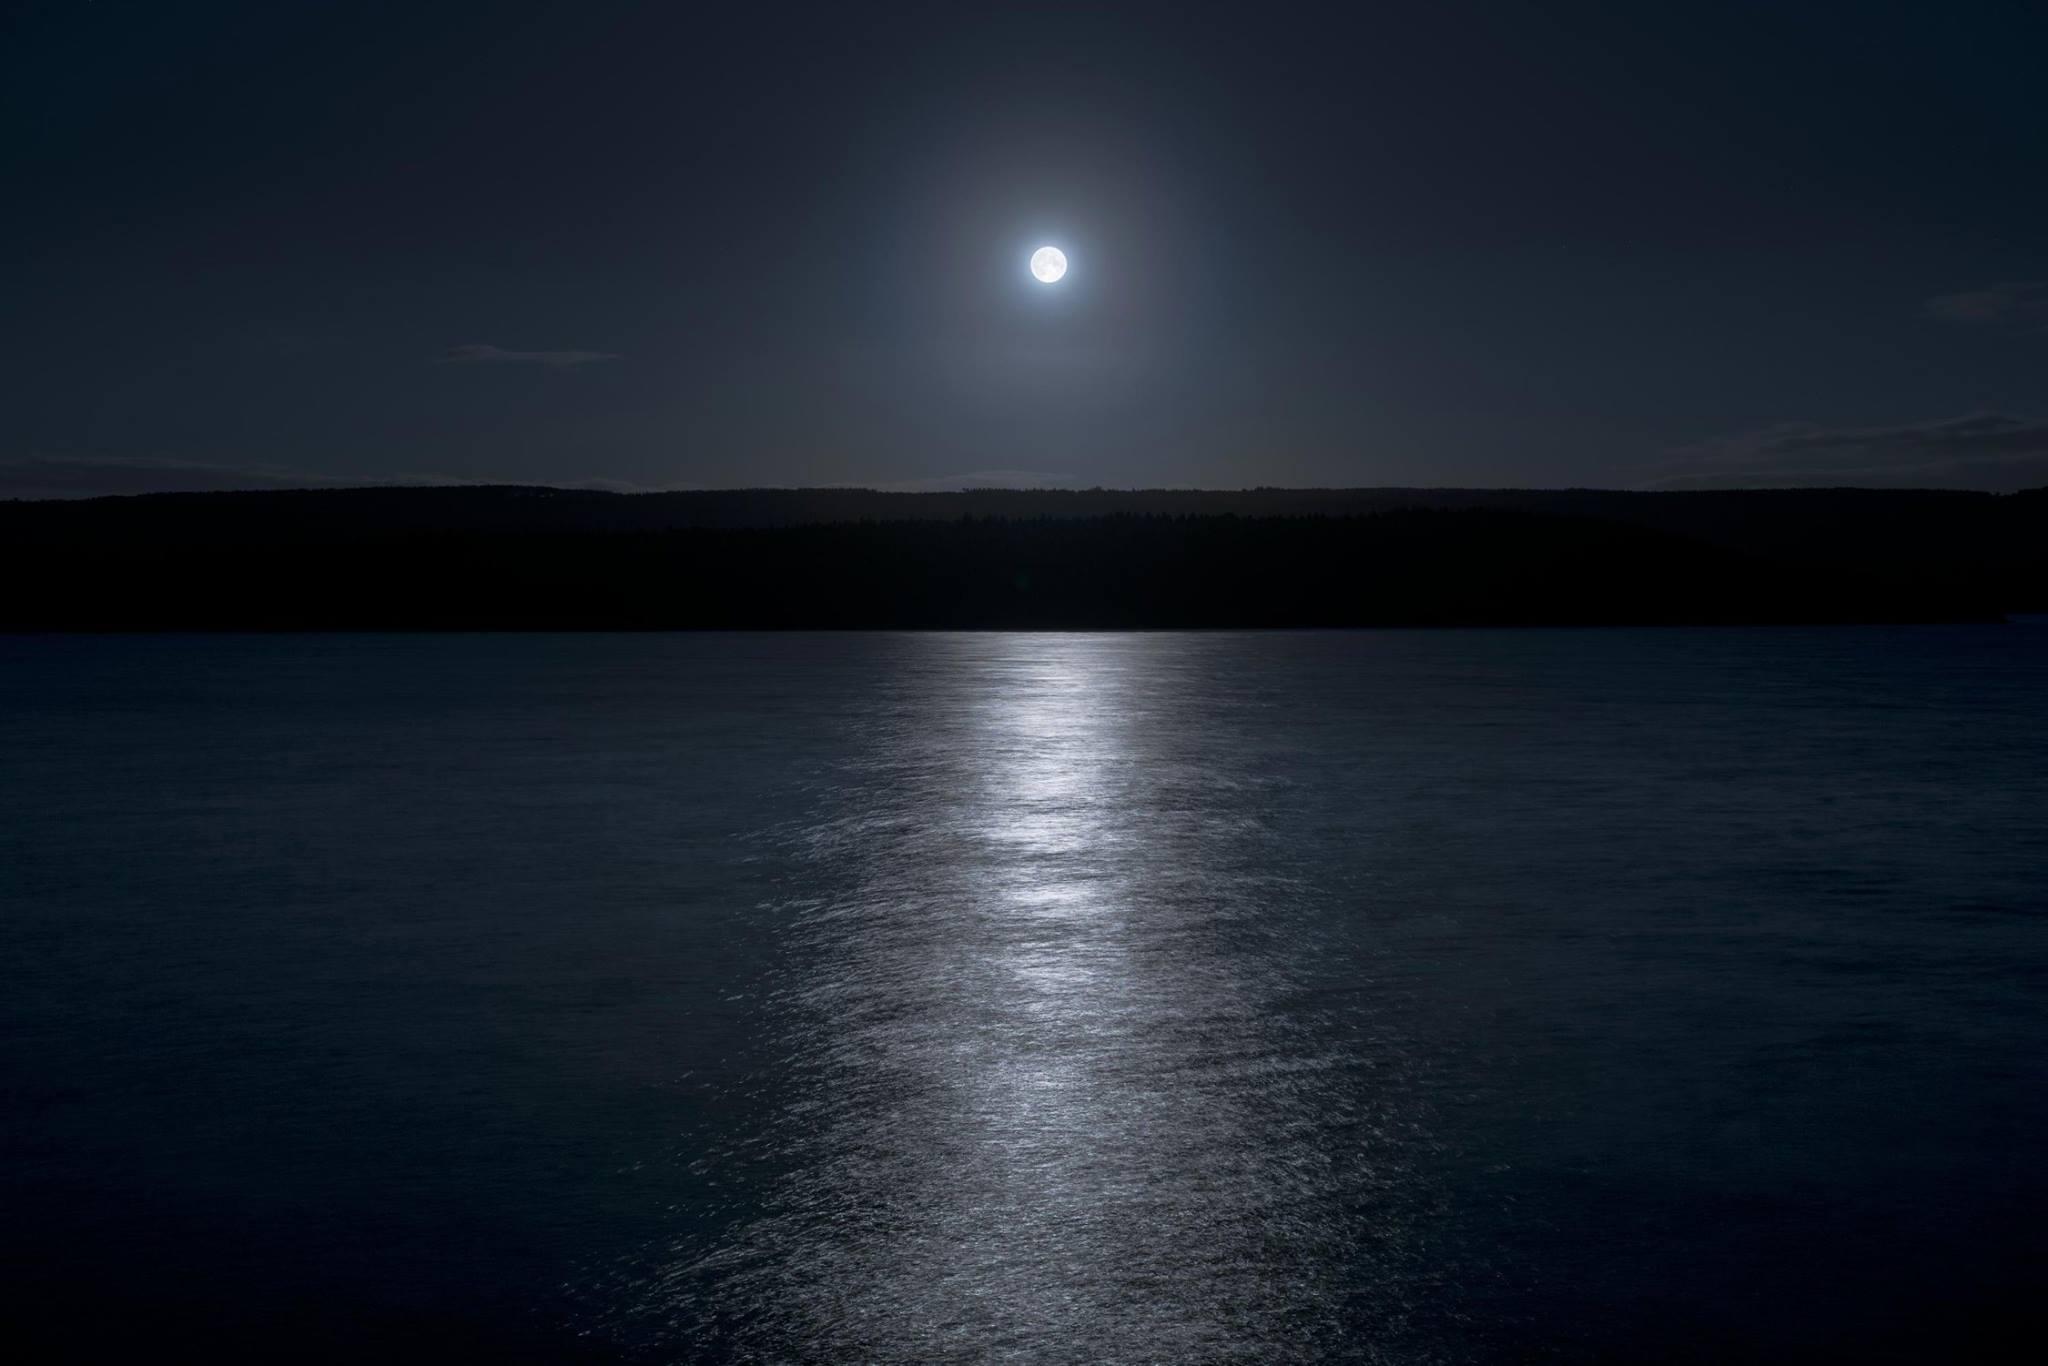 Loch Ness on a full moon night...